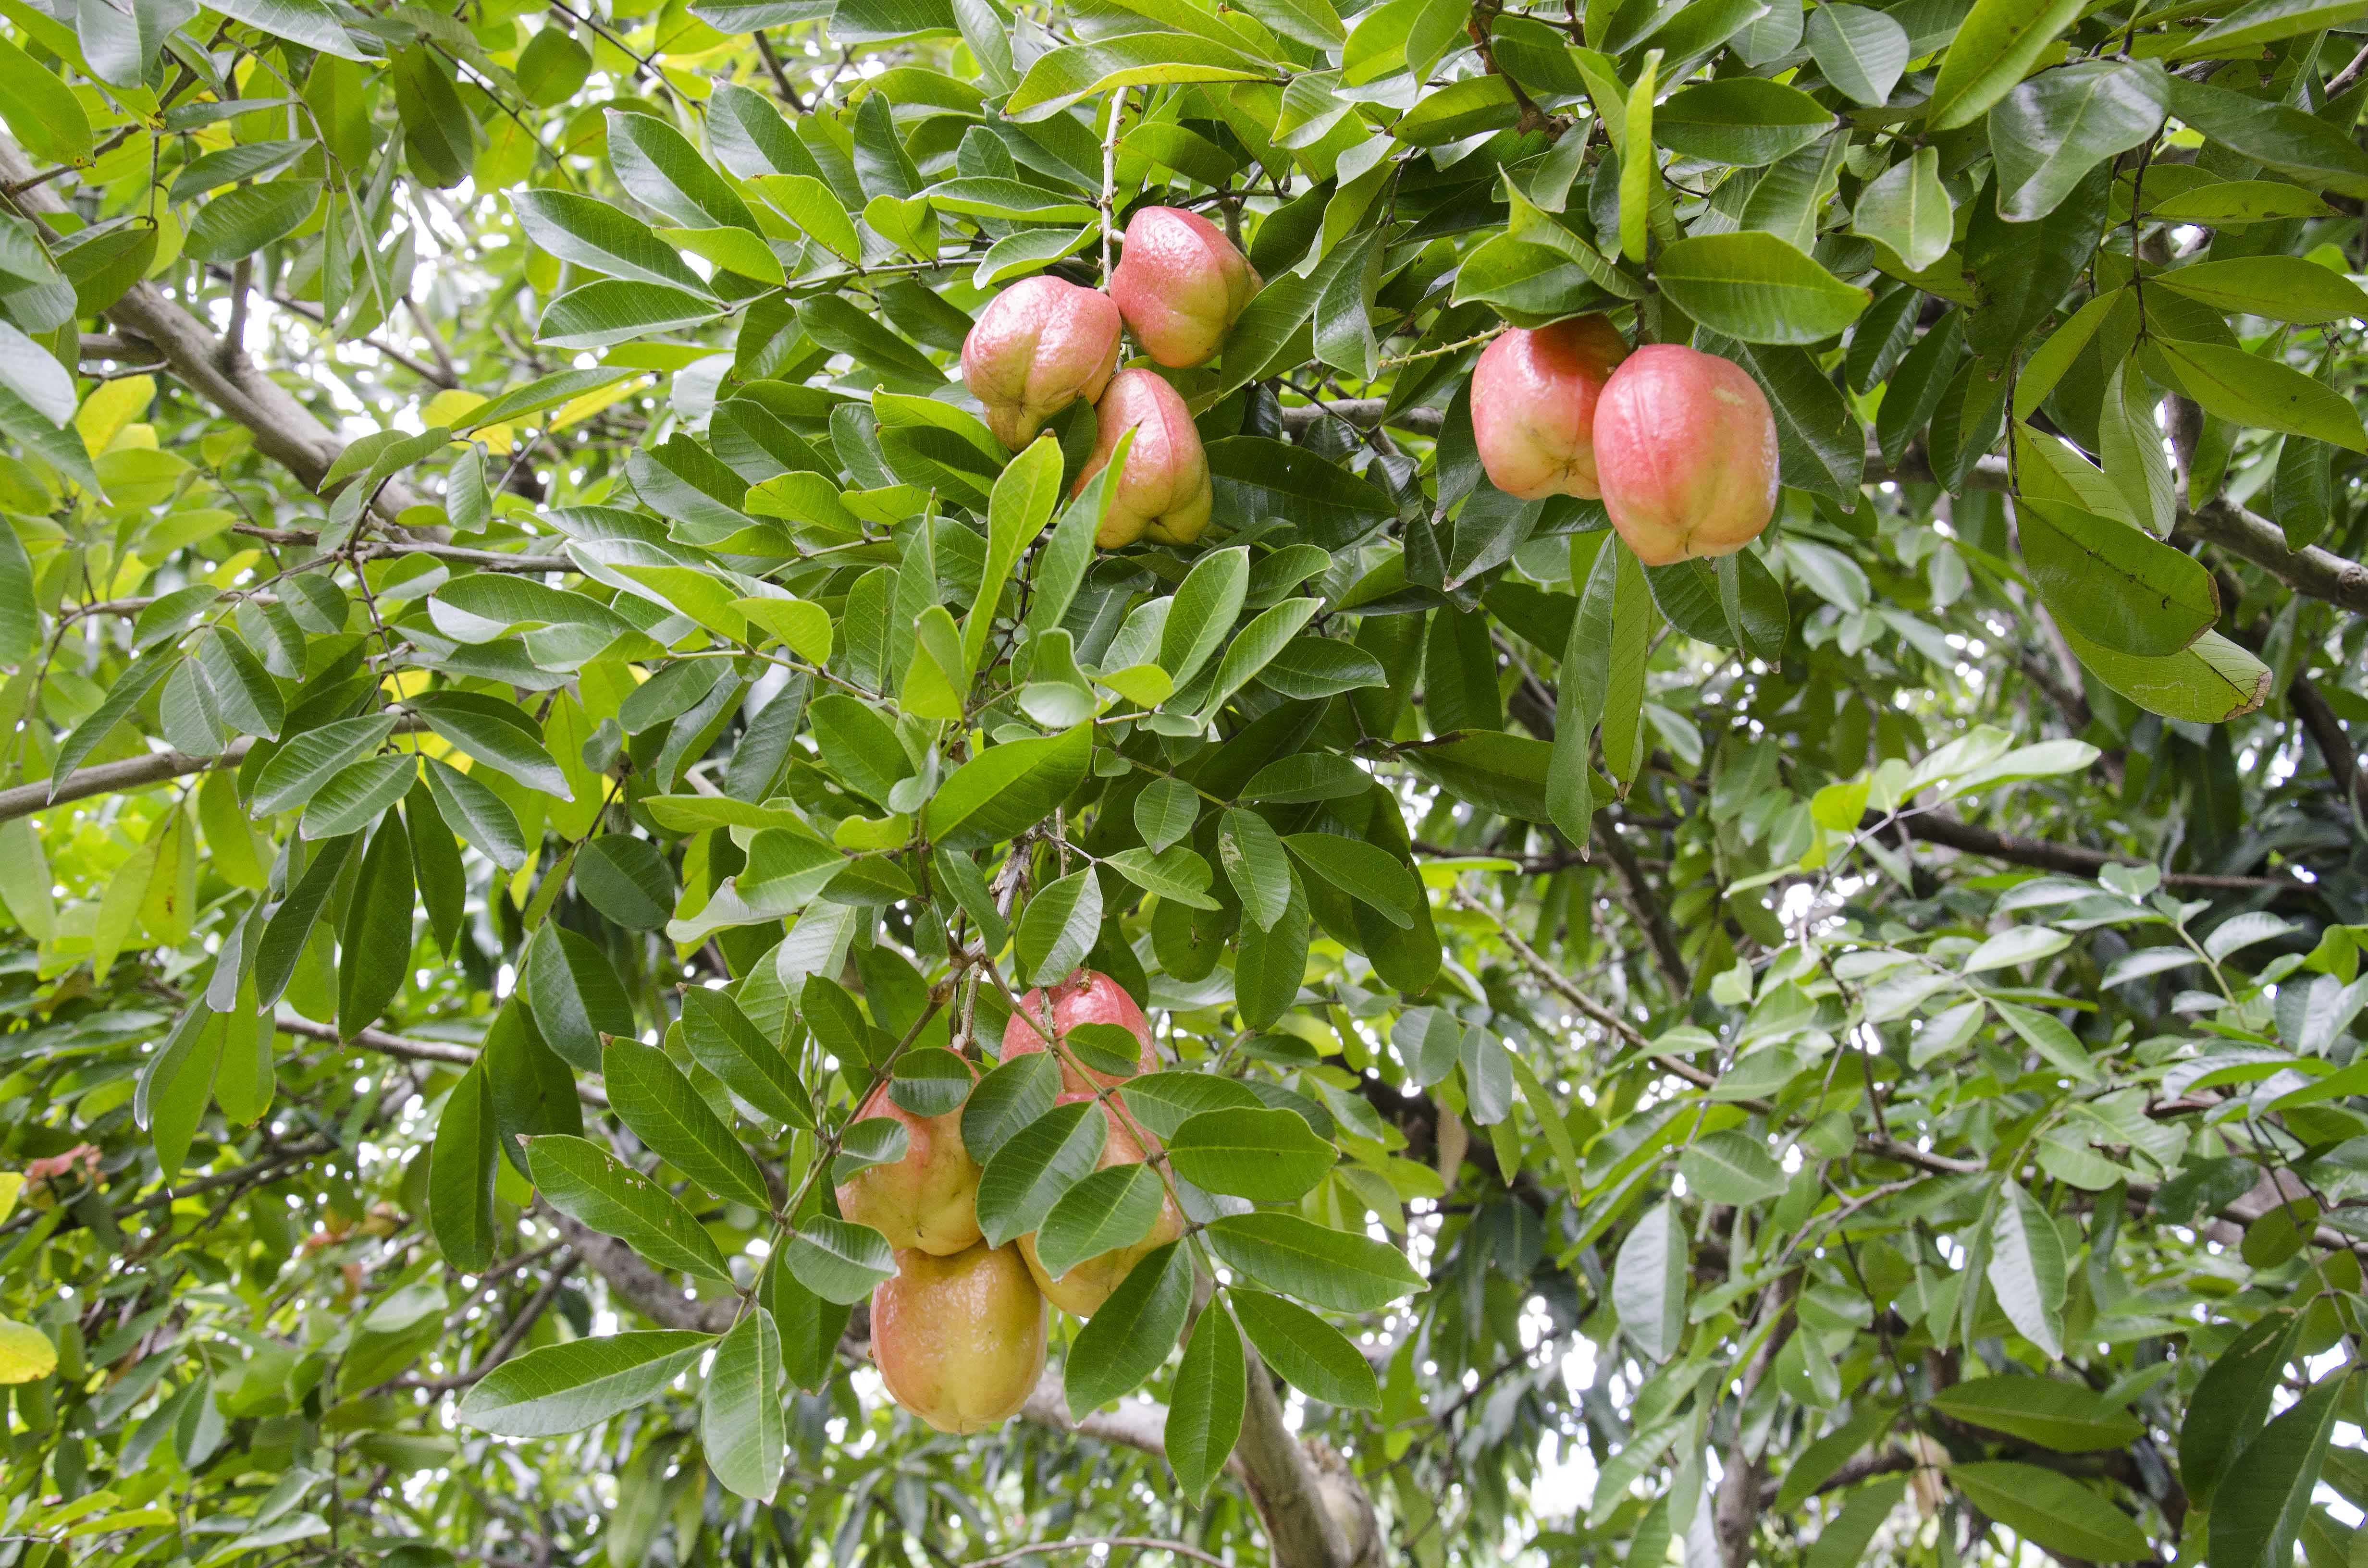 Ackee tree 2, close up